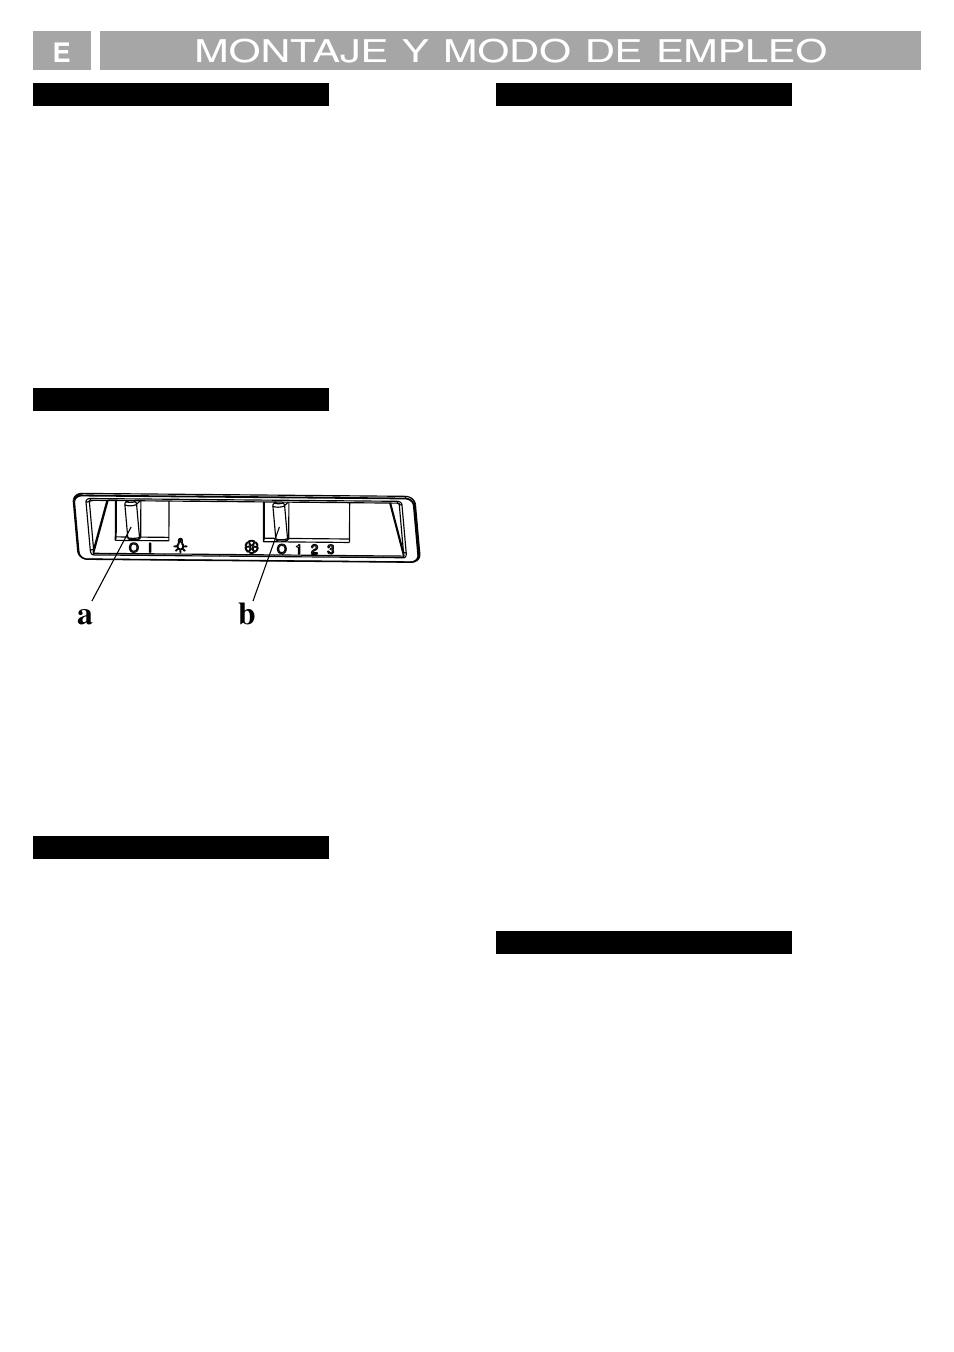 Montaje y modo de empleo | Fagor 4 CC 130 E N User Manual | Page ...